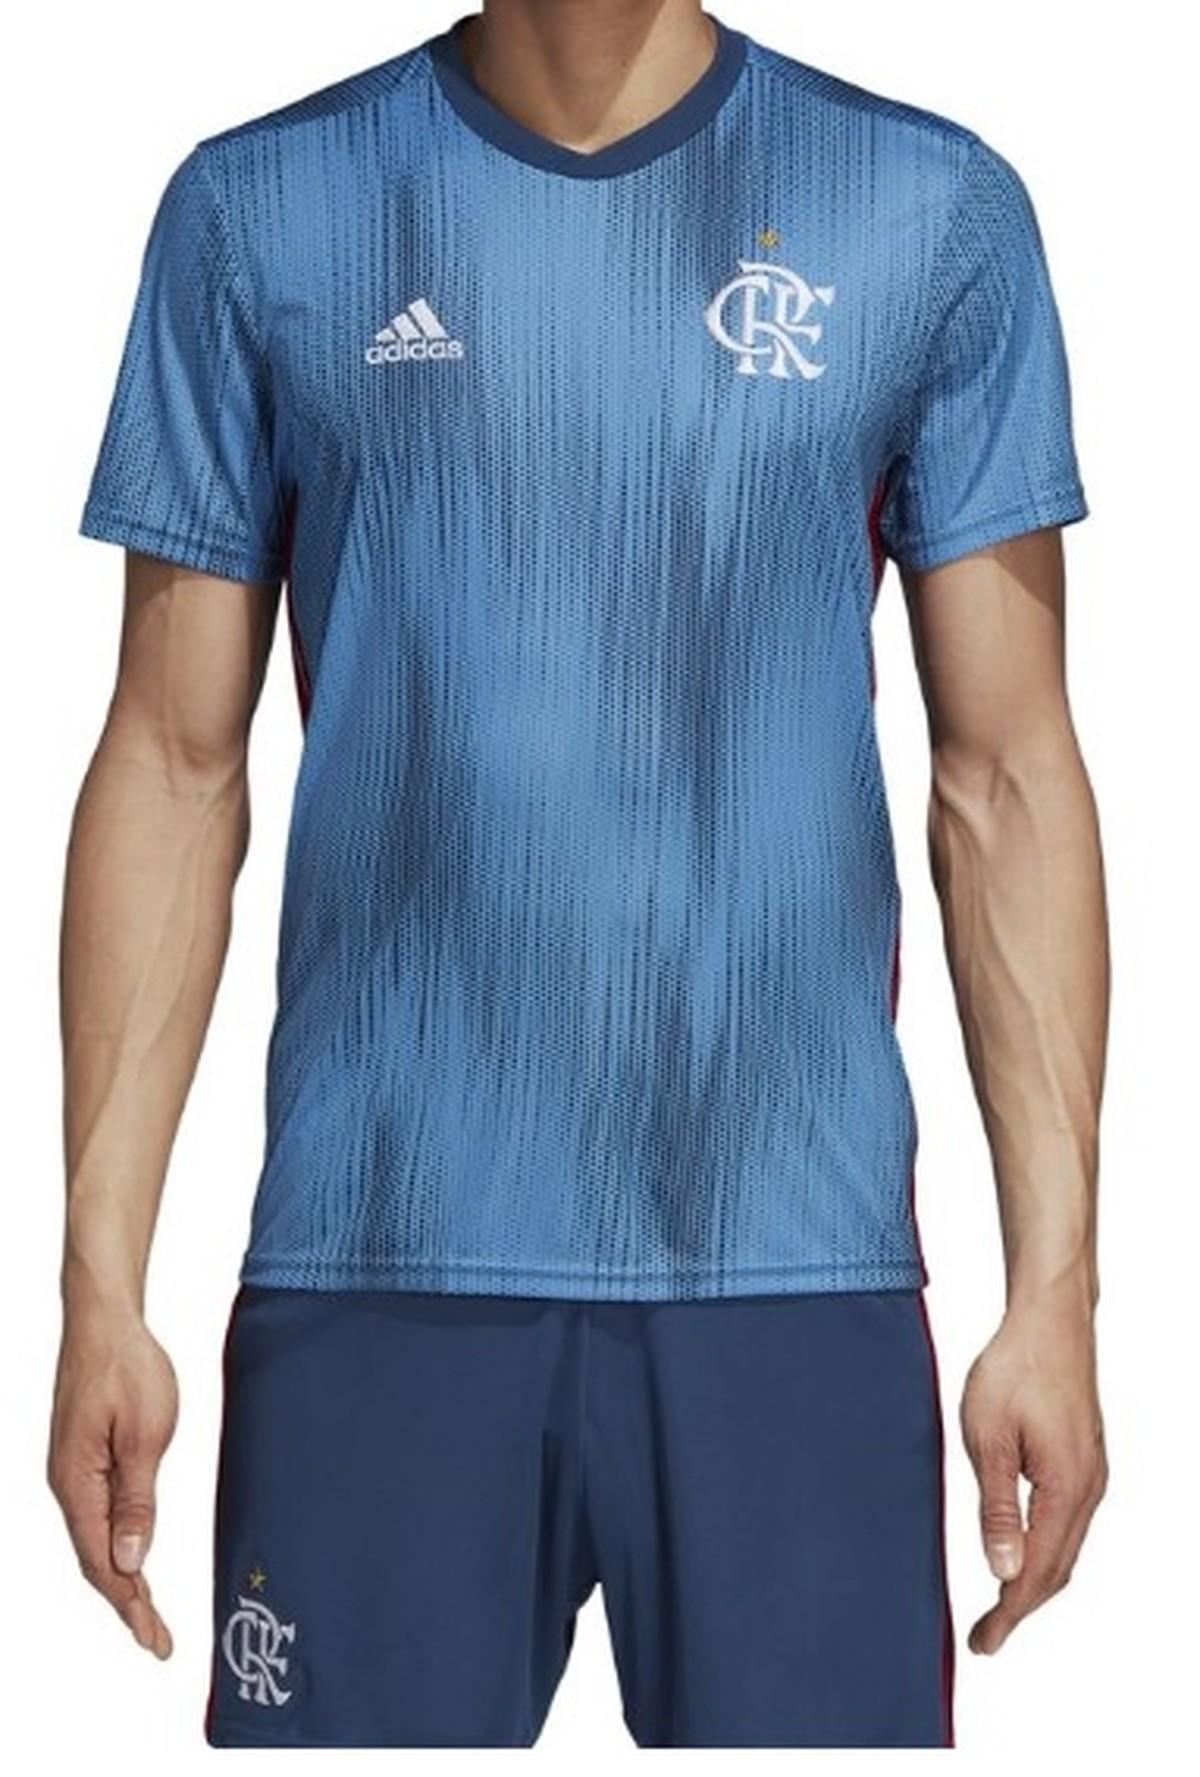 Flamengo lança terceiro uniforme azul feito de plástico reciclável  confira   271765266ad7b